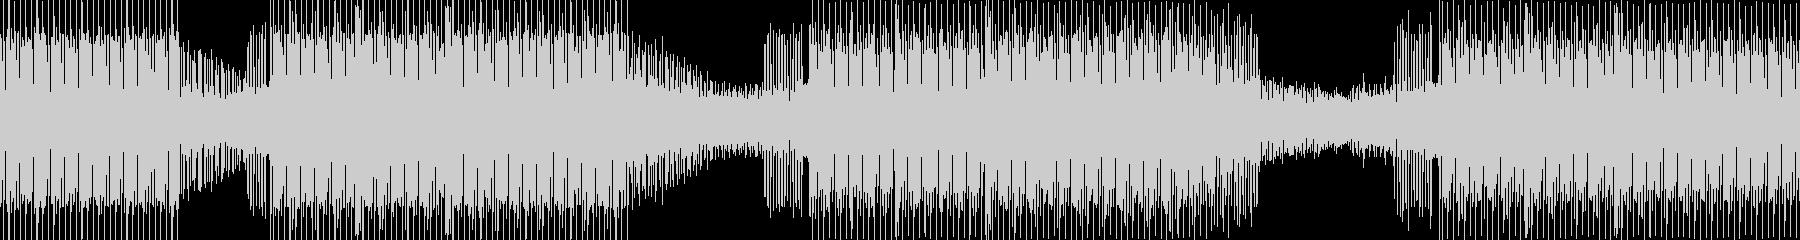 ハウスピアノオールドスクールスタイ...の未再生の波形